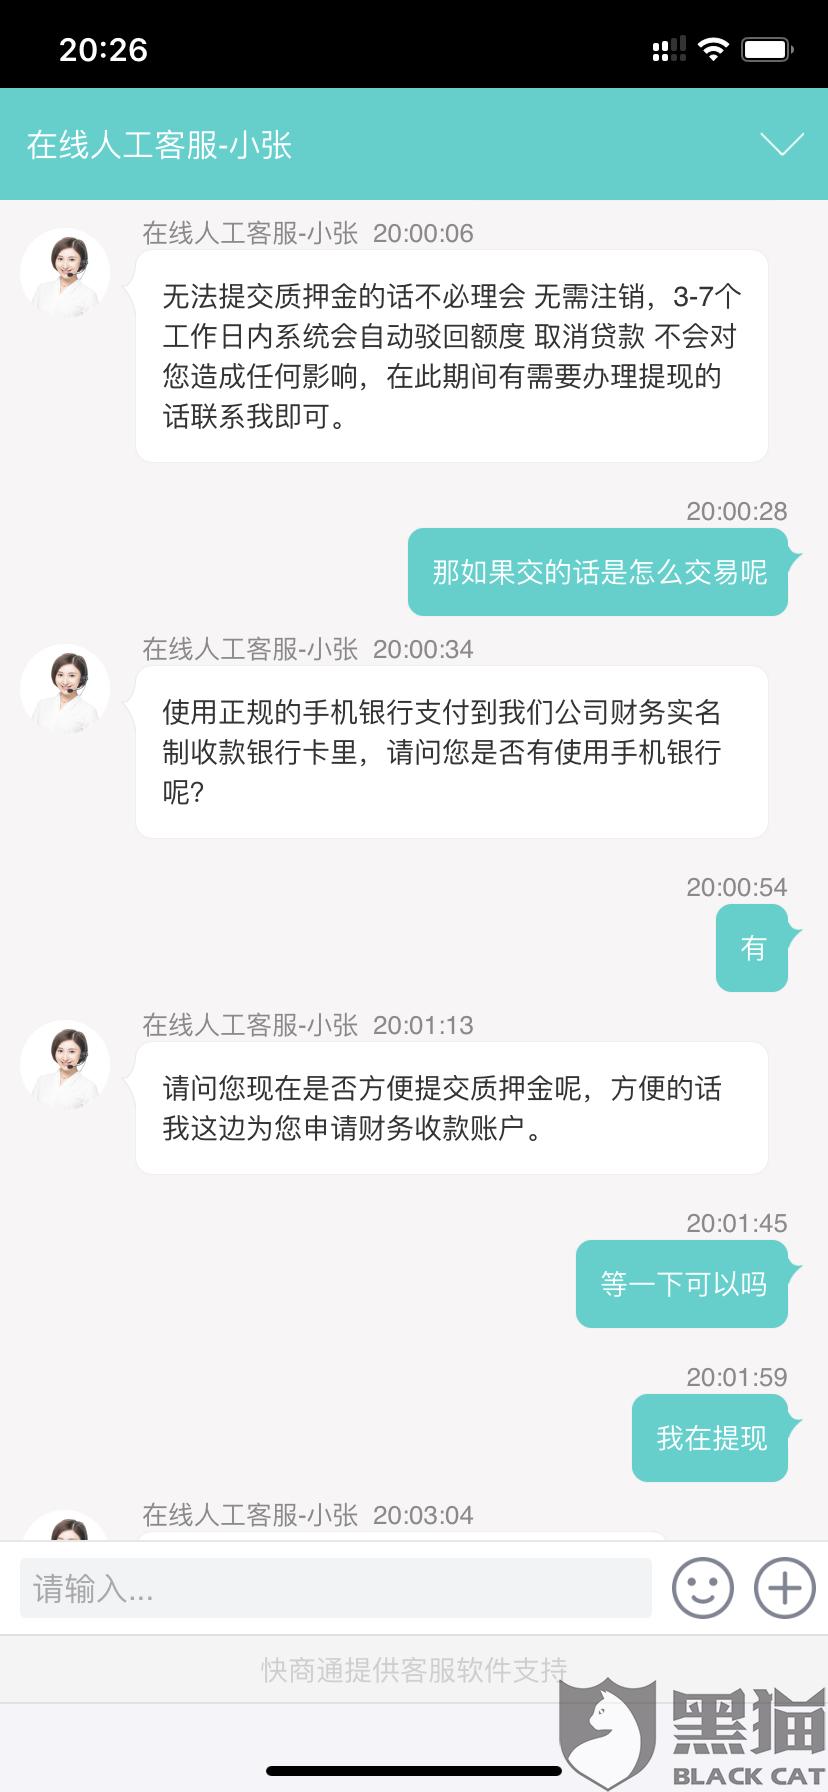 黑猫投诉:投诉深圳前海微众银行股份有限公司要求退款,道歉,解释,其中涉沂金额20000,